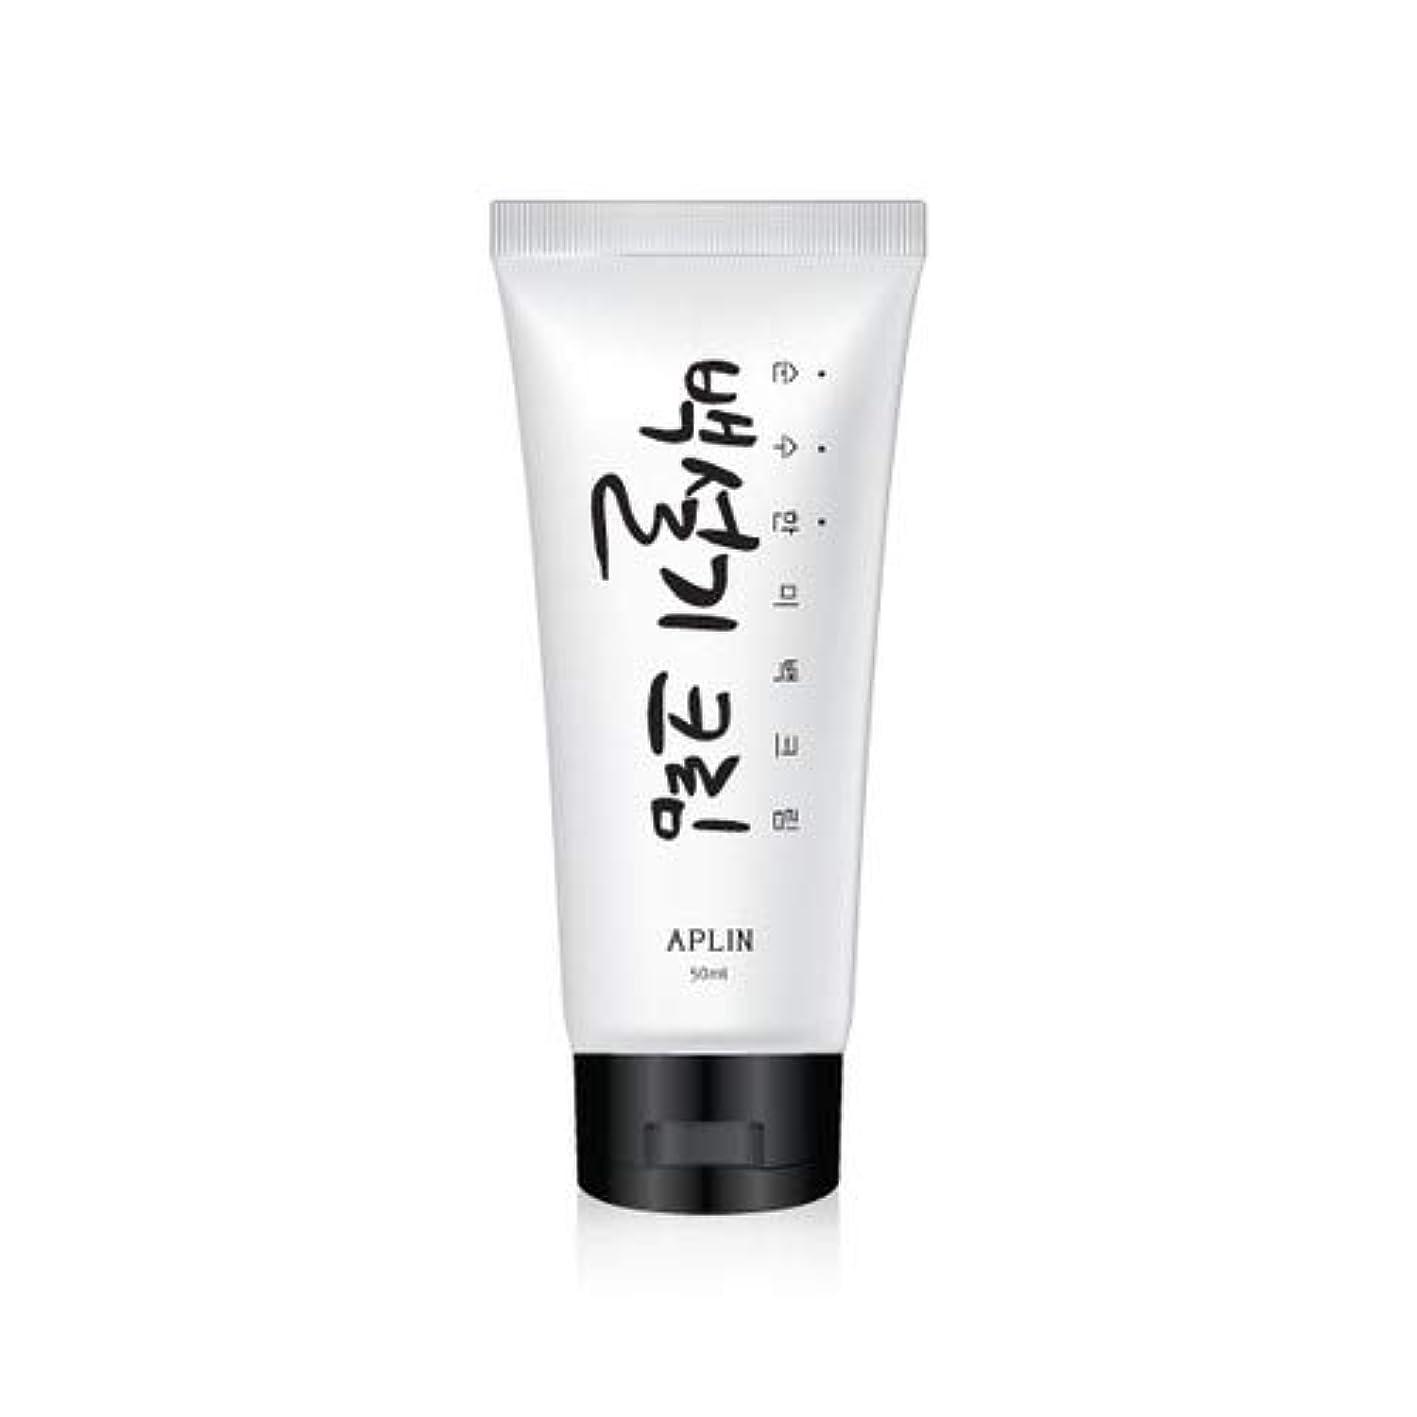 くそー禁止刺激する[アプリン][aplin]+自然な美白クリーム+ペクソルギクリーム+50ml+1個(トーン アップ クリーム,美白,美肌 スキンケア,肌 くすみ,白い顔,オルチャンメイク,韓国コスメ,化粧下地,下地クリーム)